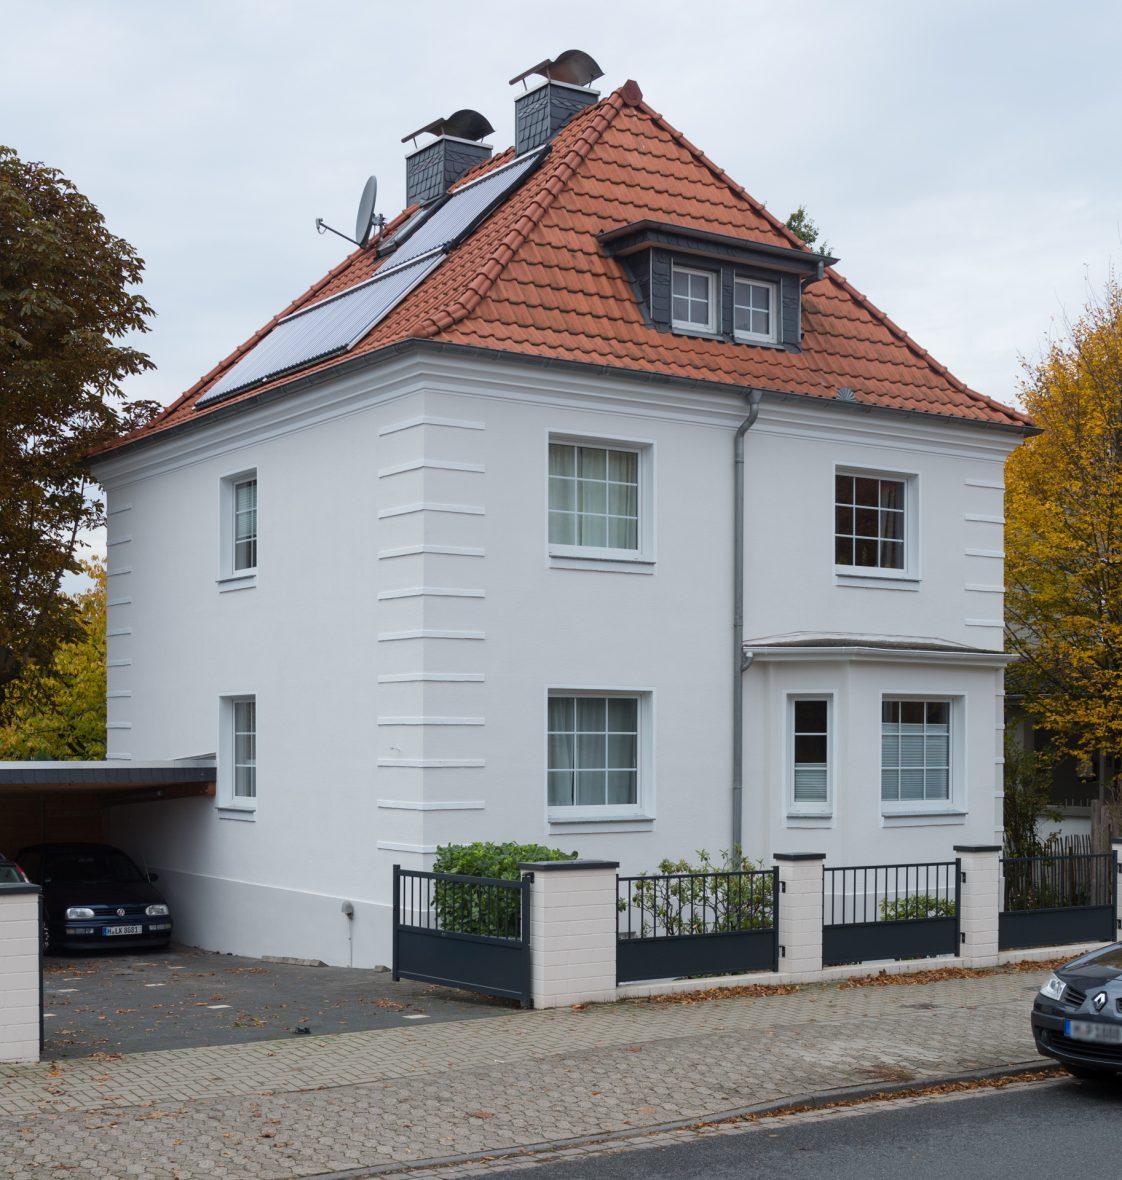 Kaffemuehlenhaus streichen Hannover Burgwedel Wedemark Alligator Farben